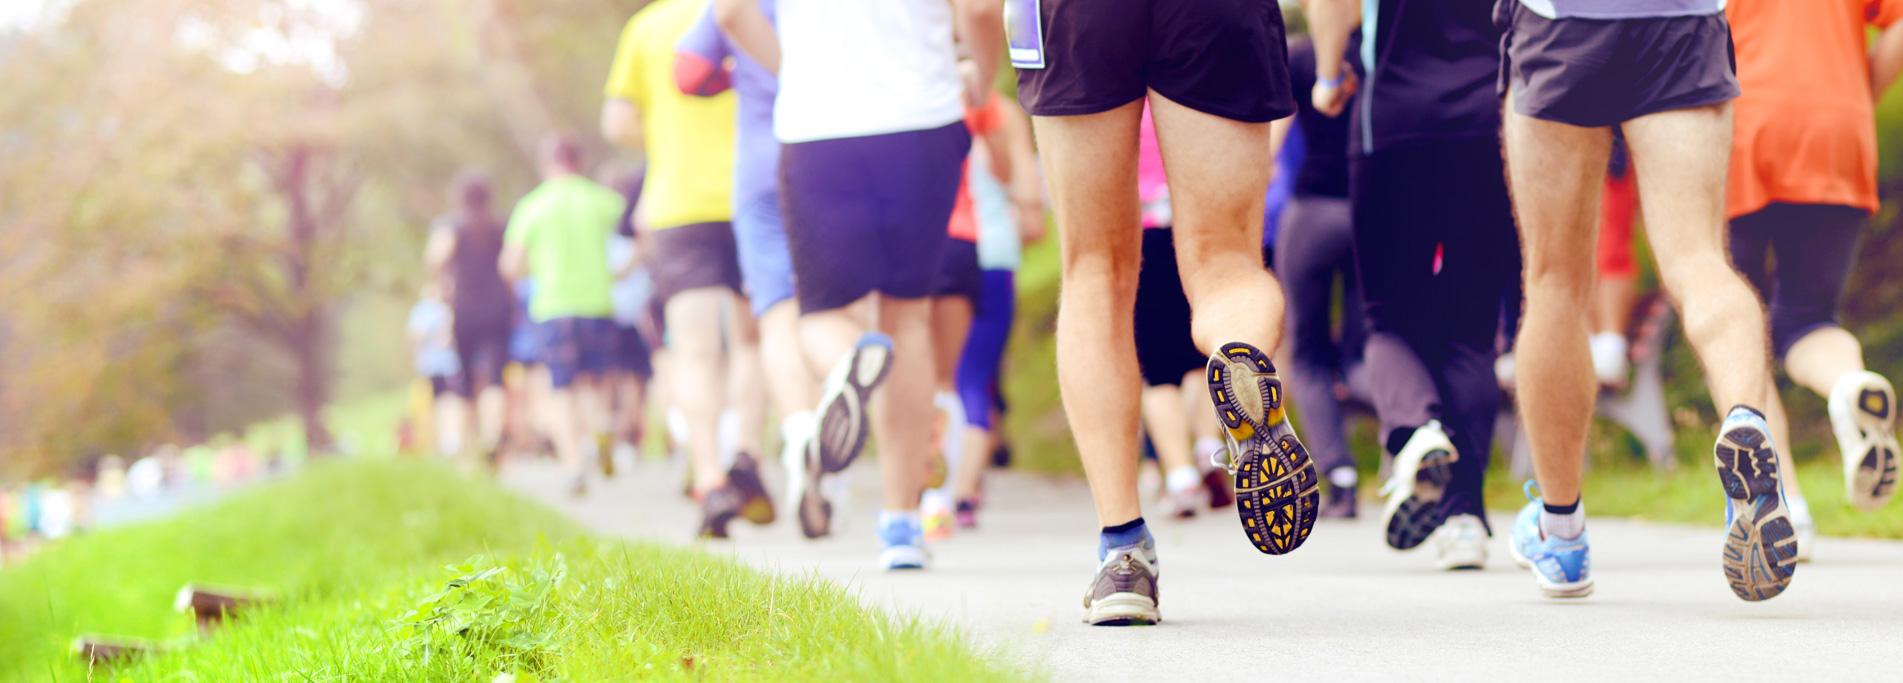 Storie di corsa: camminata in compagnia a Cogliate